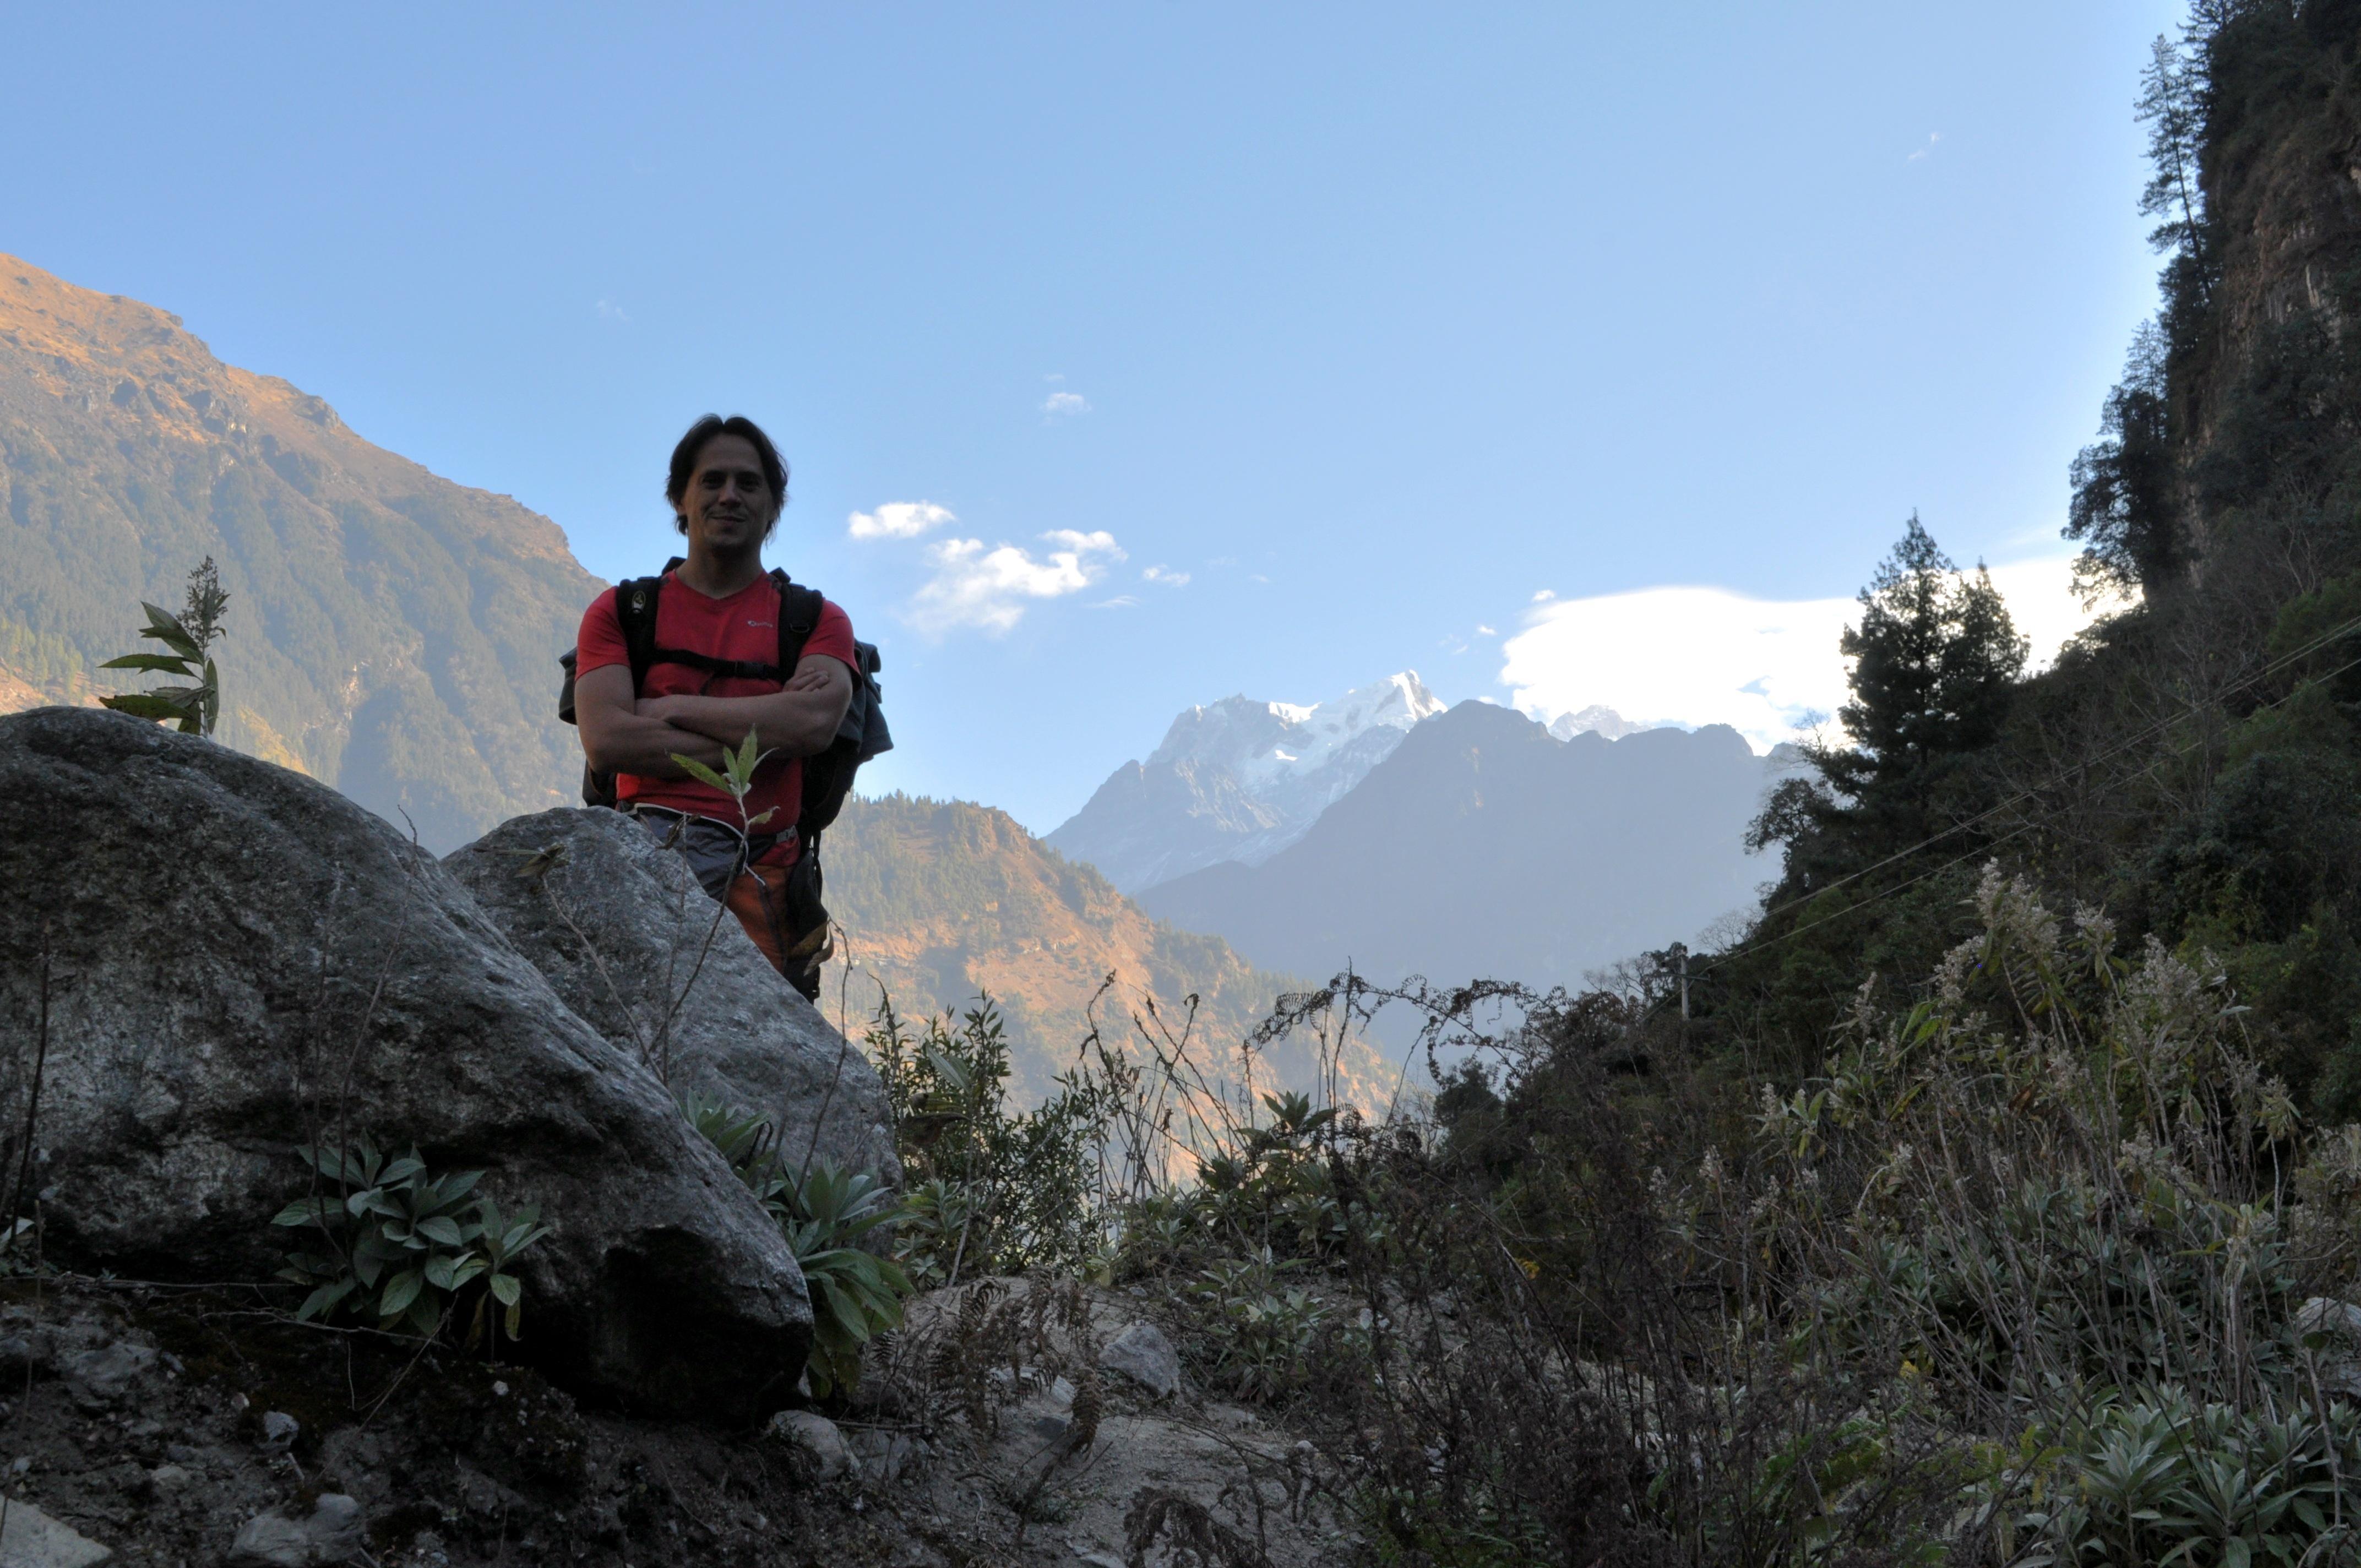 io poco prima di raggiungere la nostra guest house. Sullo sfondo le montagne che ospitano il Dana Lake, un lago glaciale famoso della zona